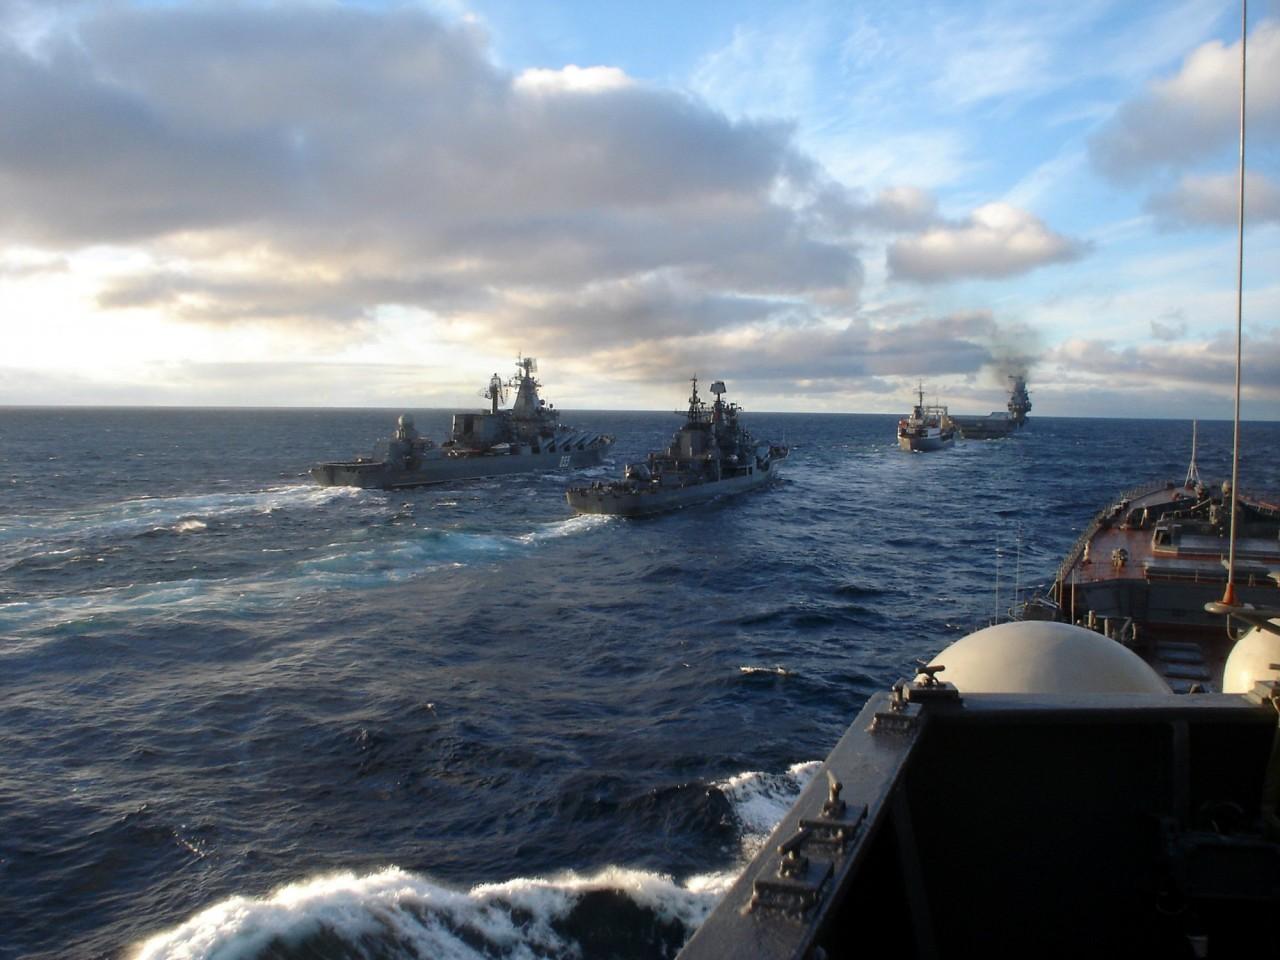 В сирийском конфликте была задействована самая мощная группировка кораблей ВМФ РФ